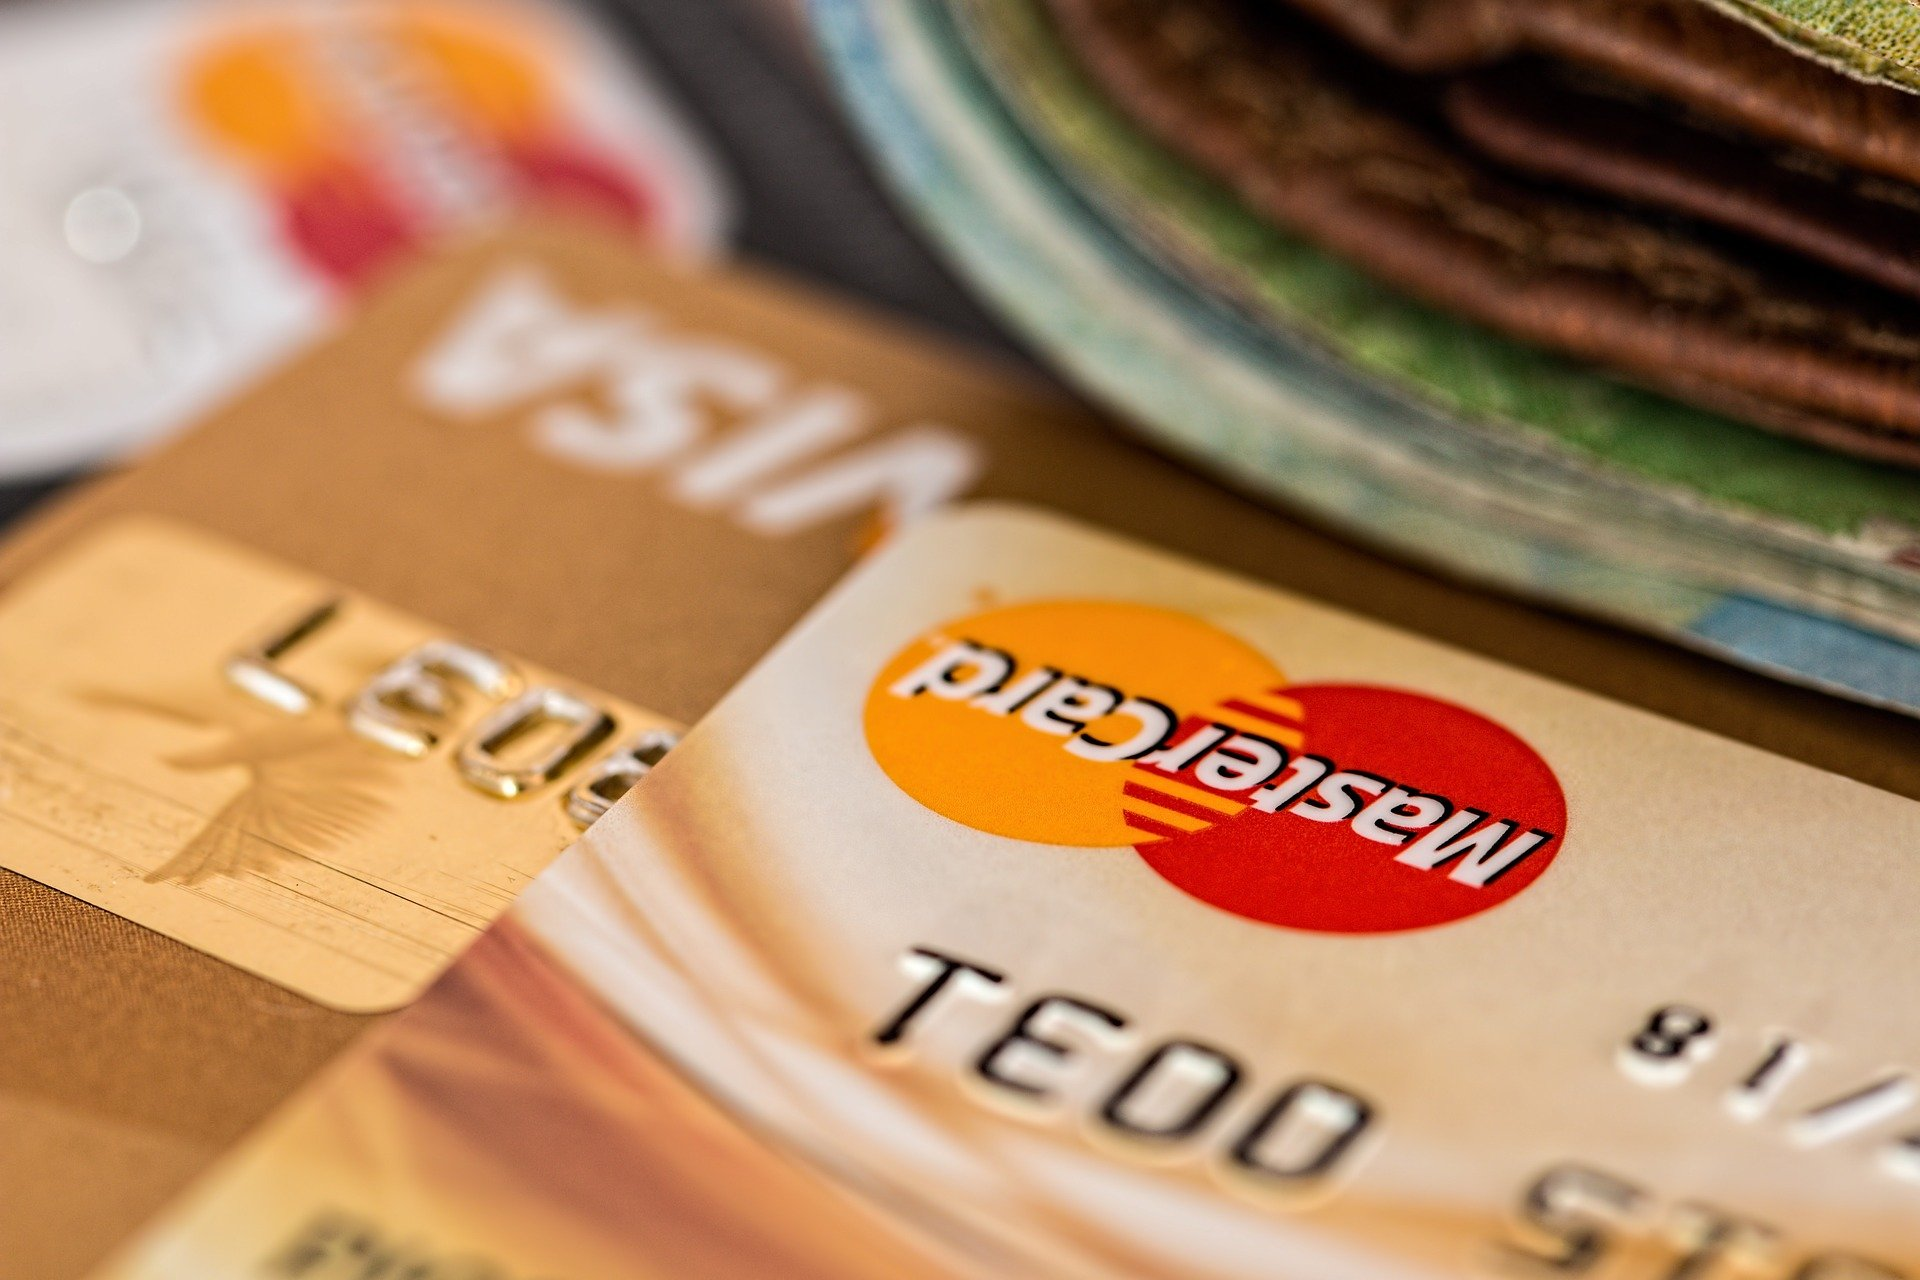 Las 6 tarjetas de crédito con tasa de interés, anualidad y comisiones más bajas